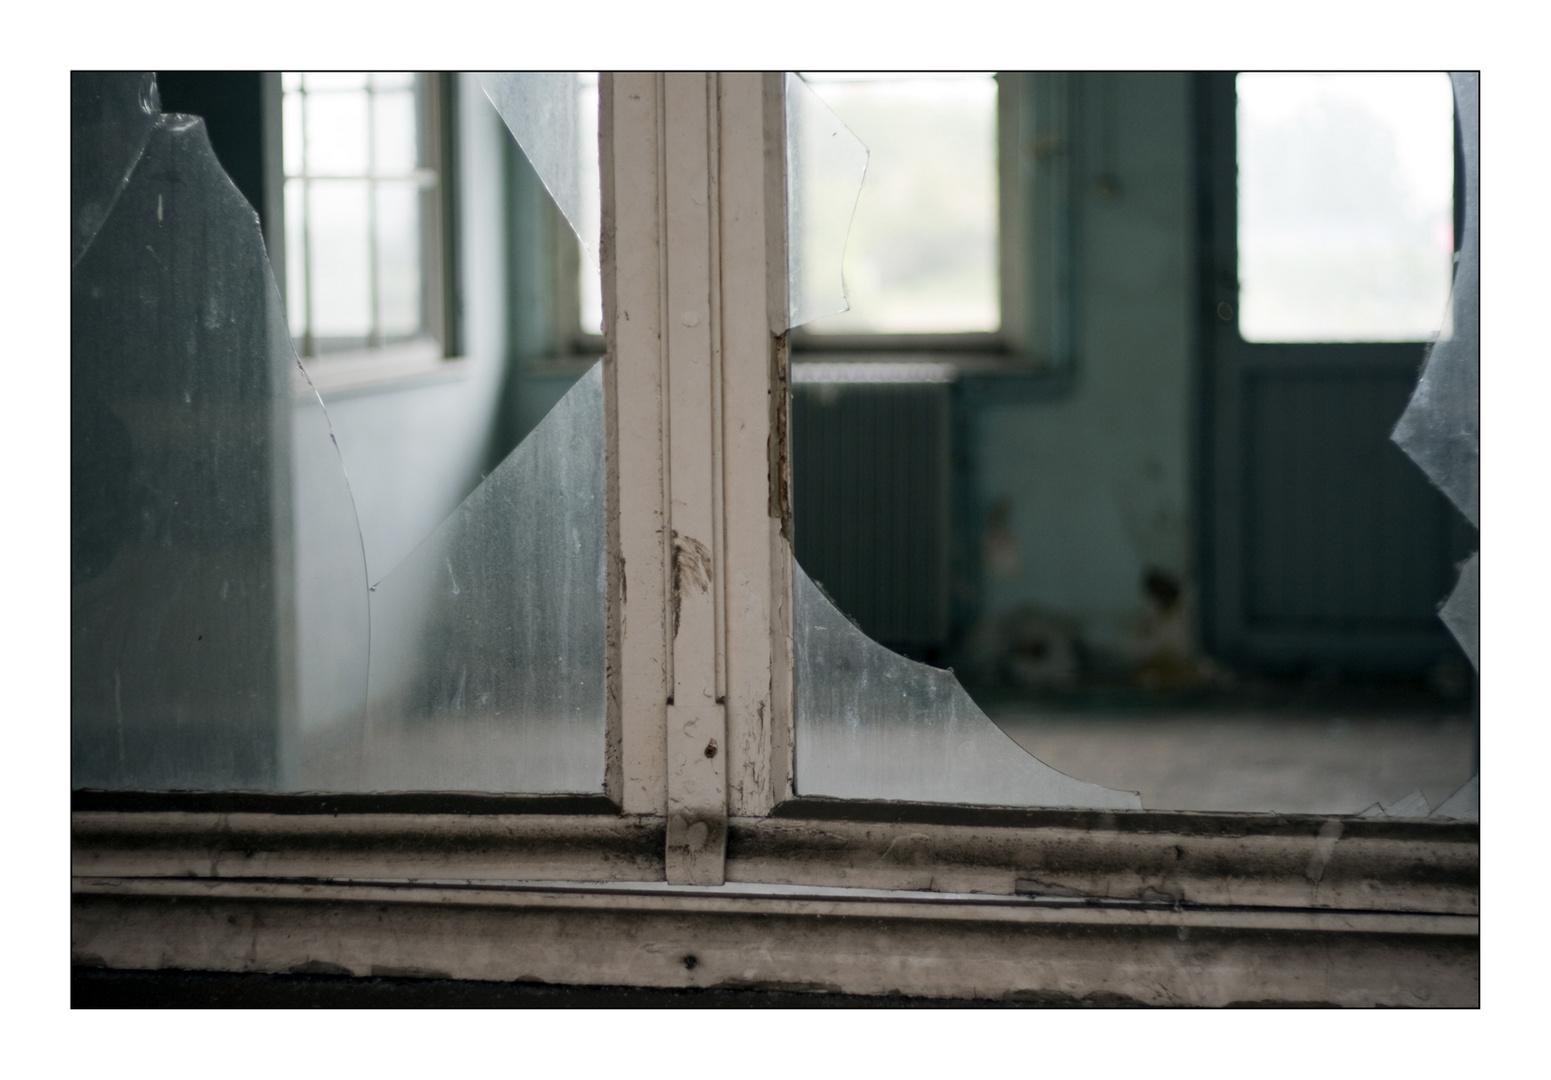 Broken window (Montzen gare Belgium)